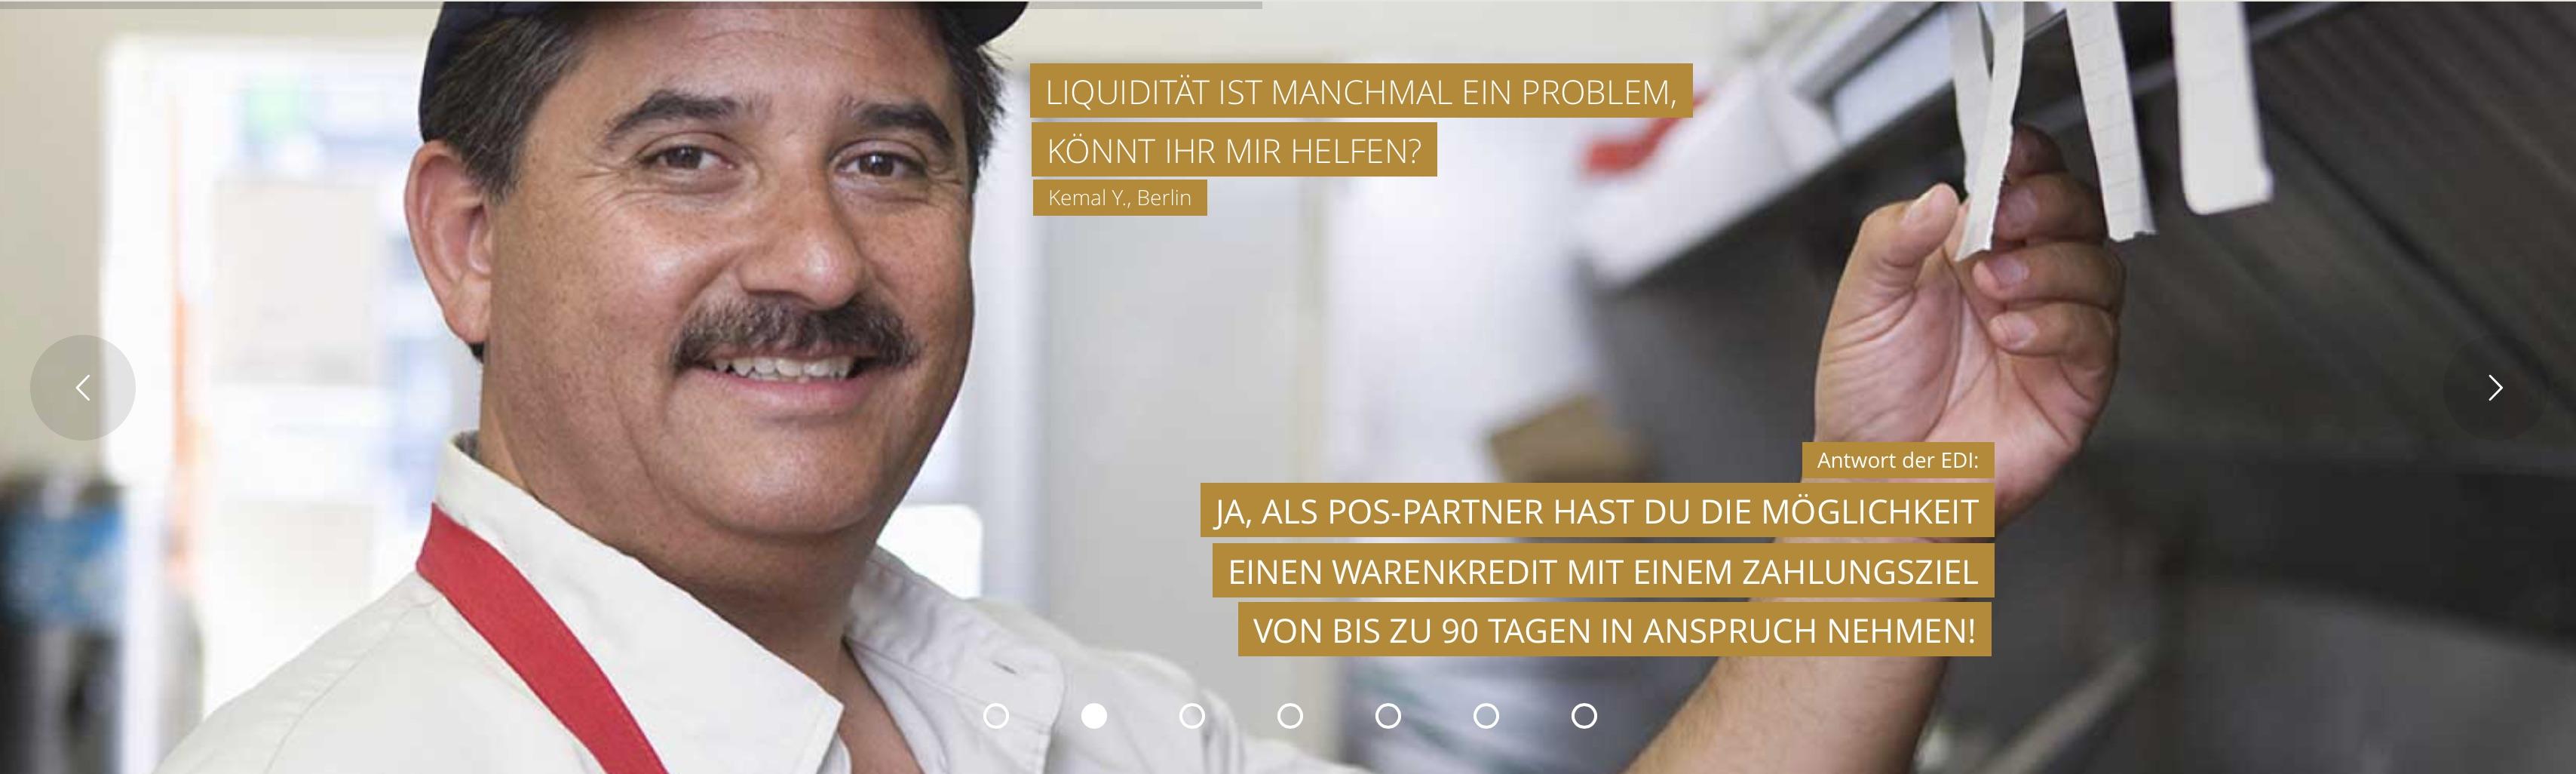 EDI Einkaufsgemeinschaft Deutscher Impulshandel AG